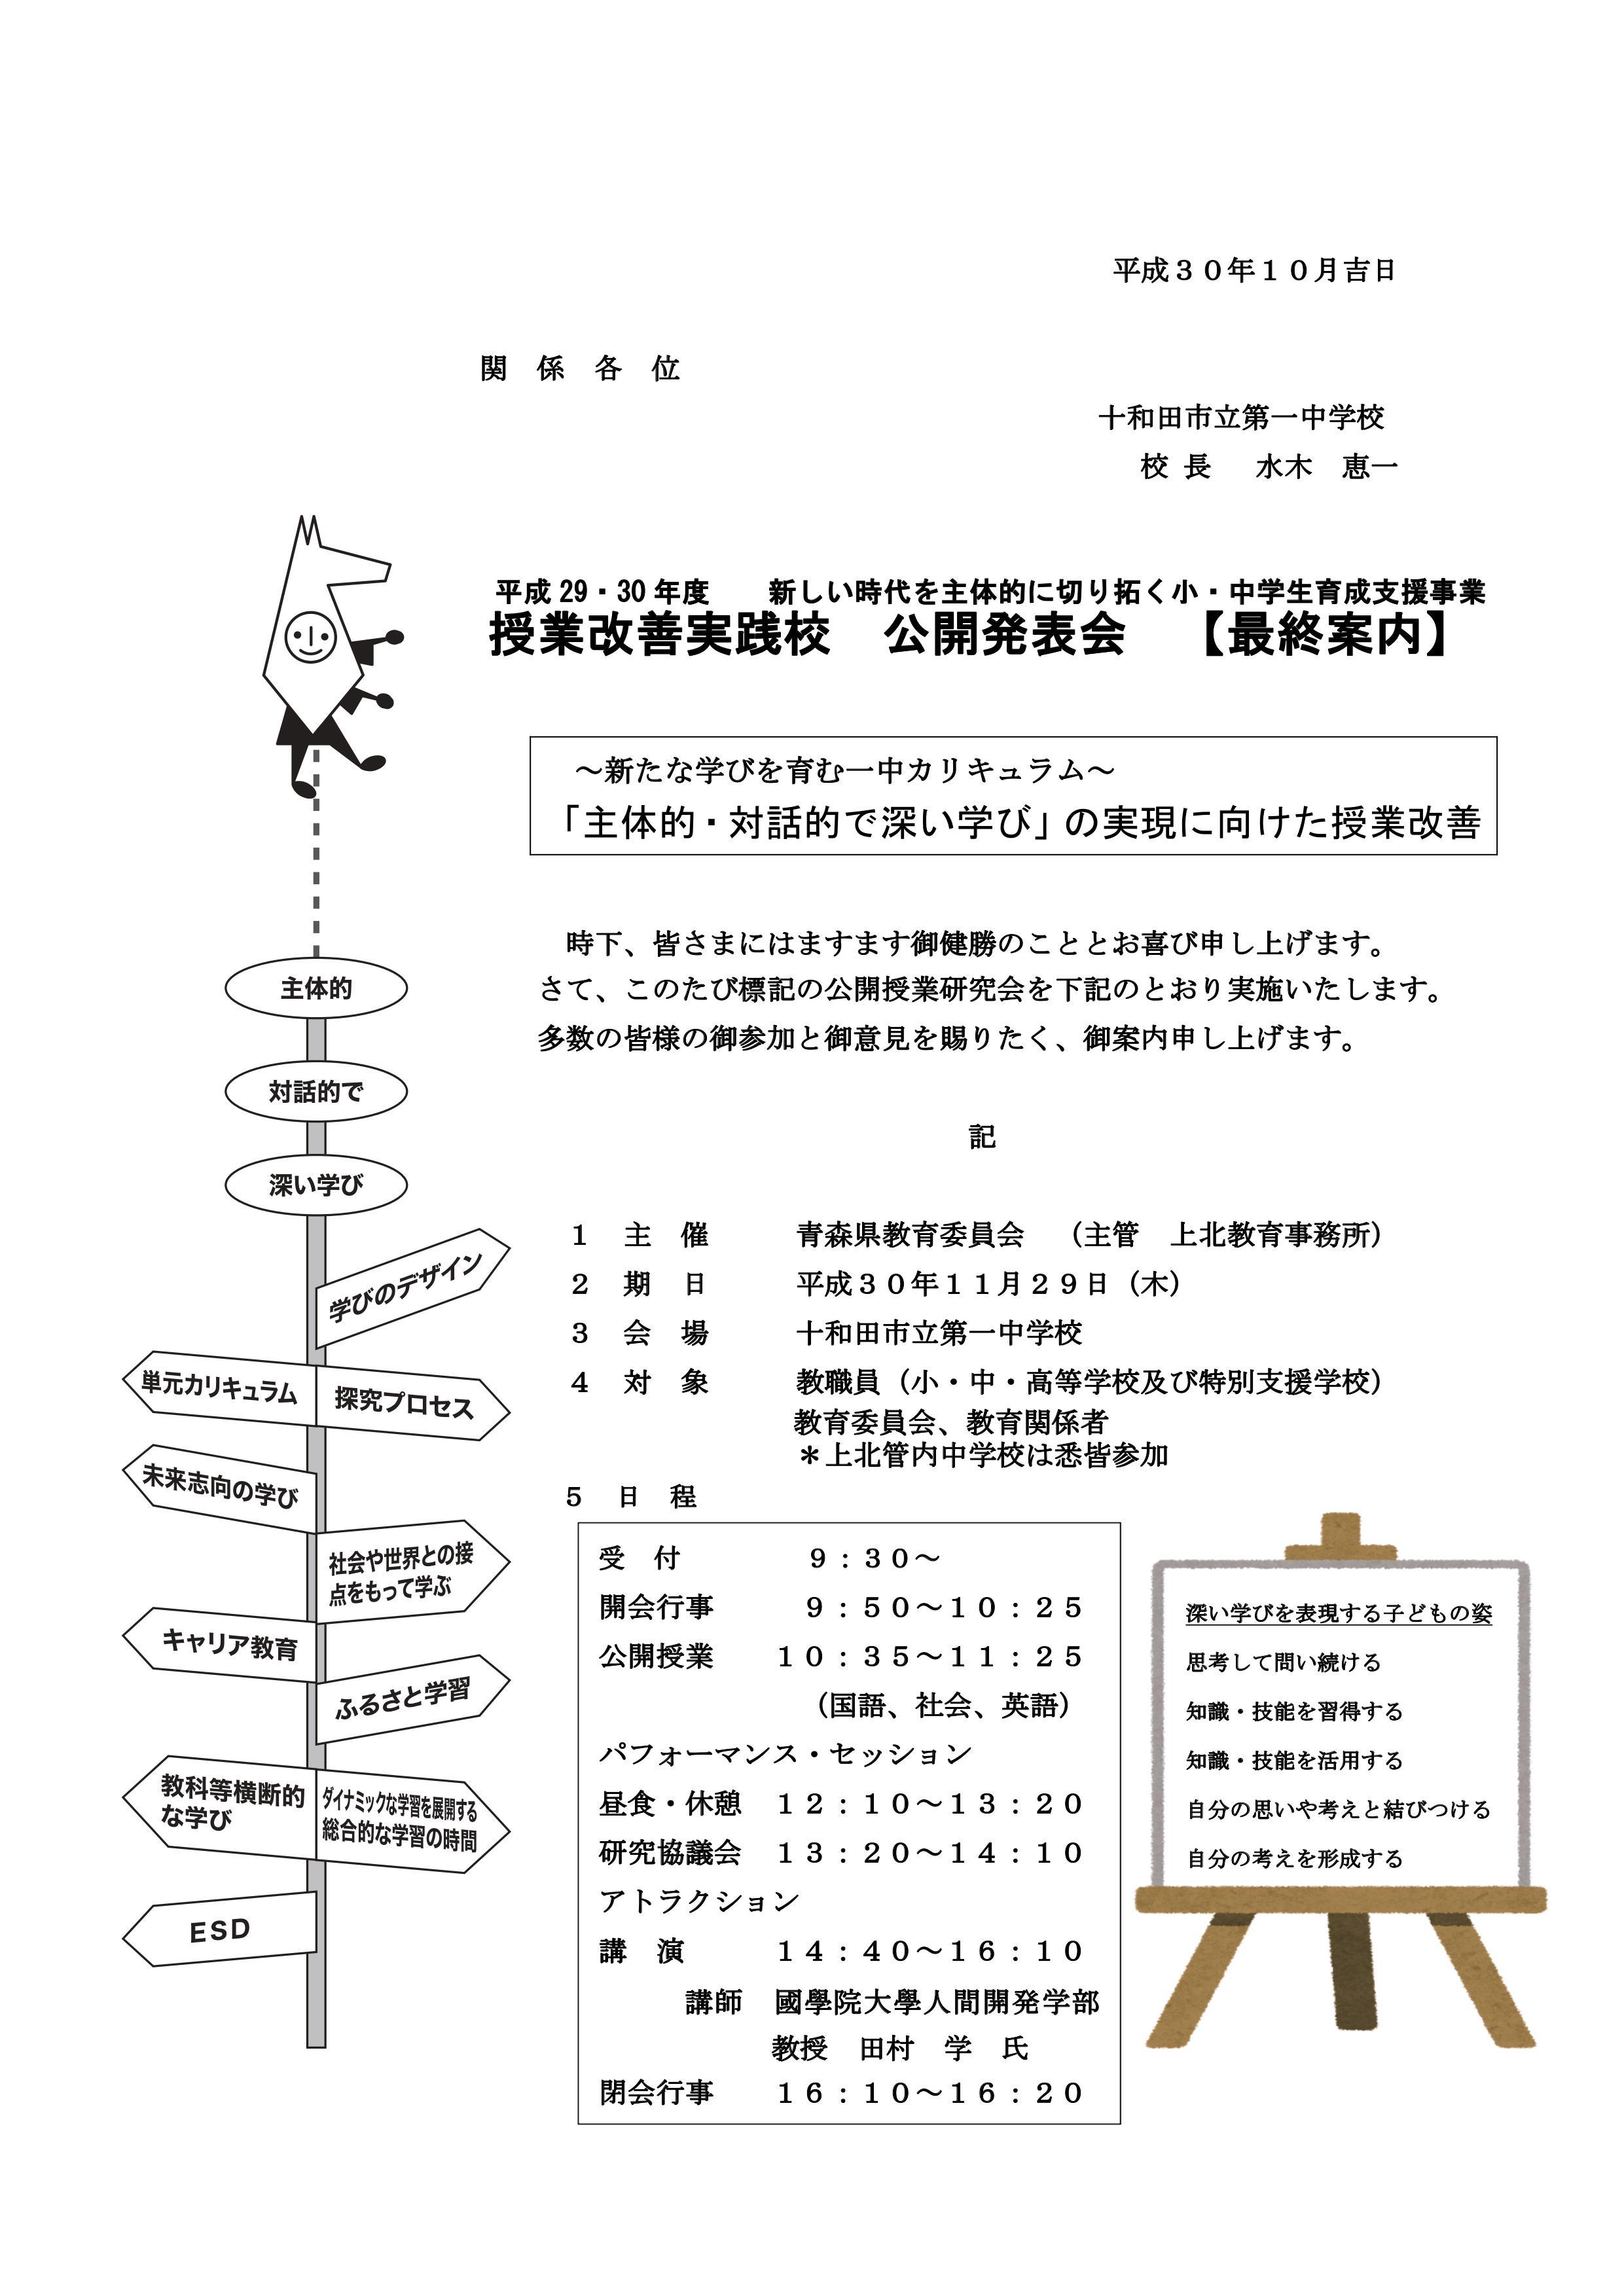 H30_公開研究会案内_01b